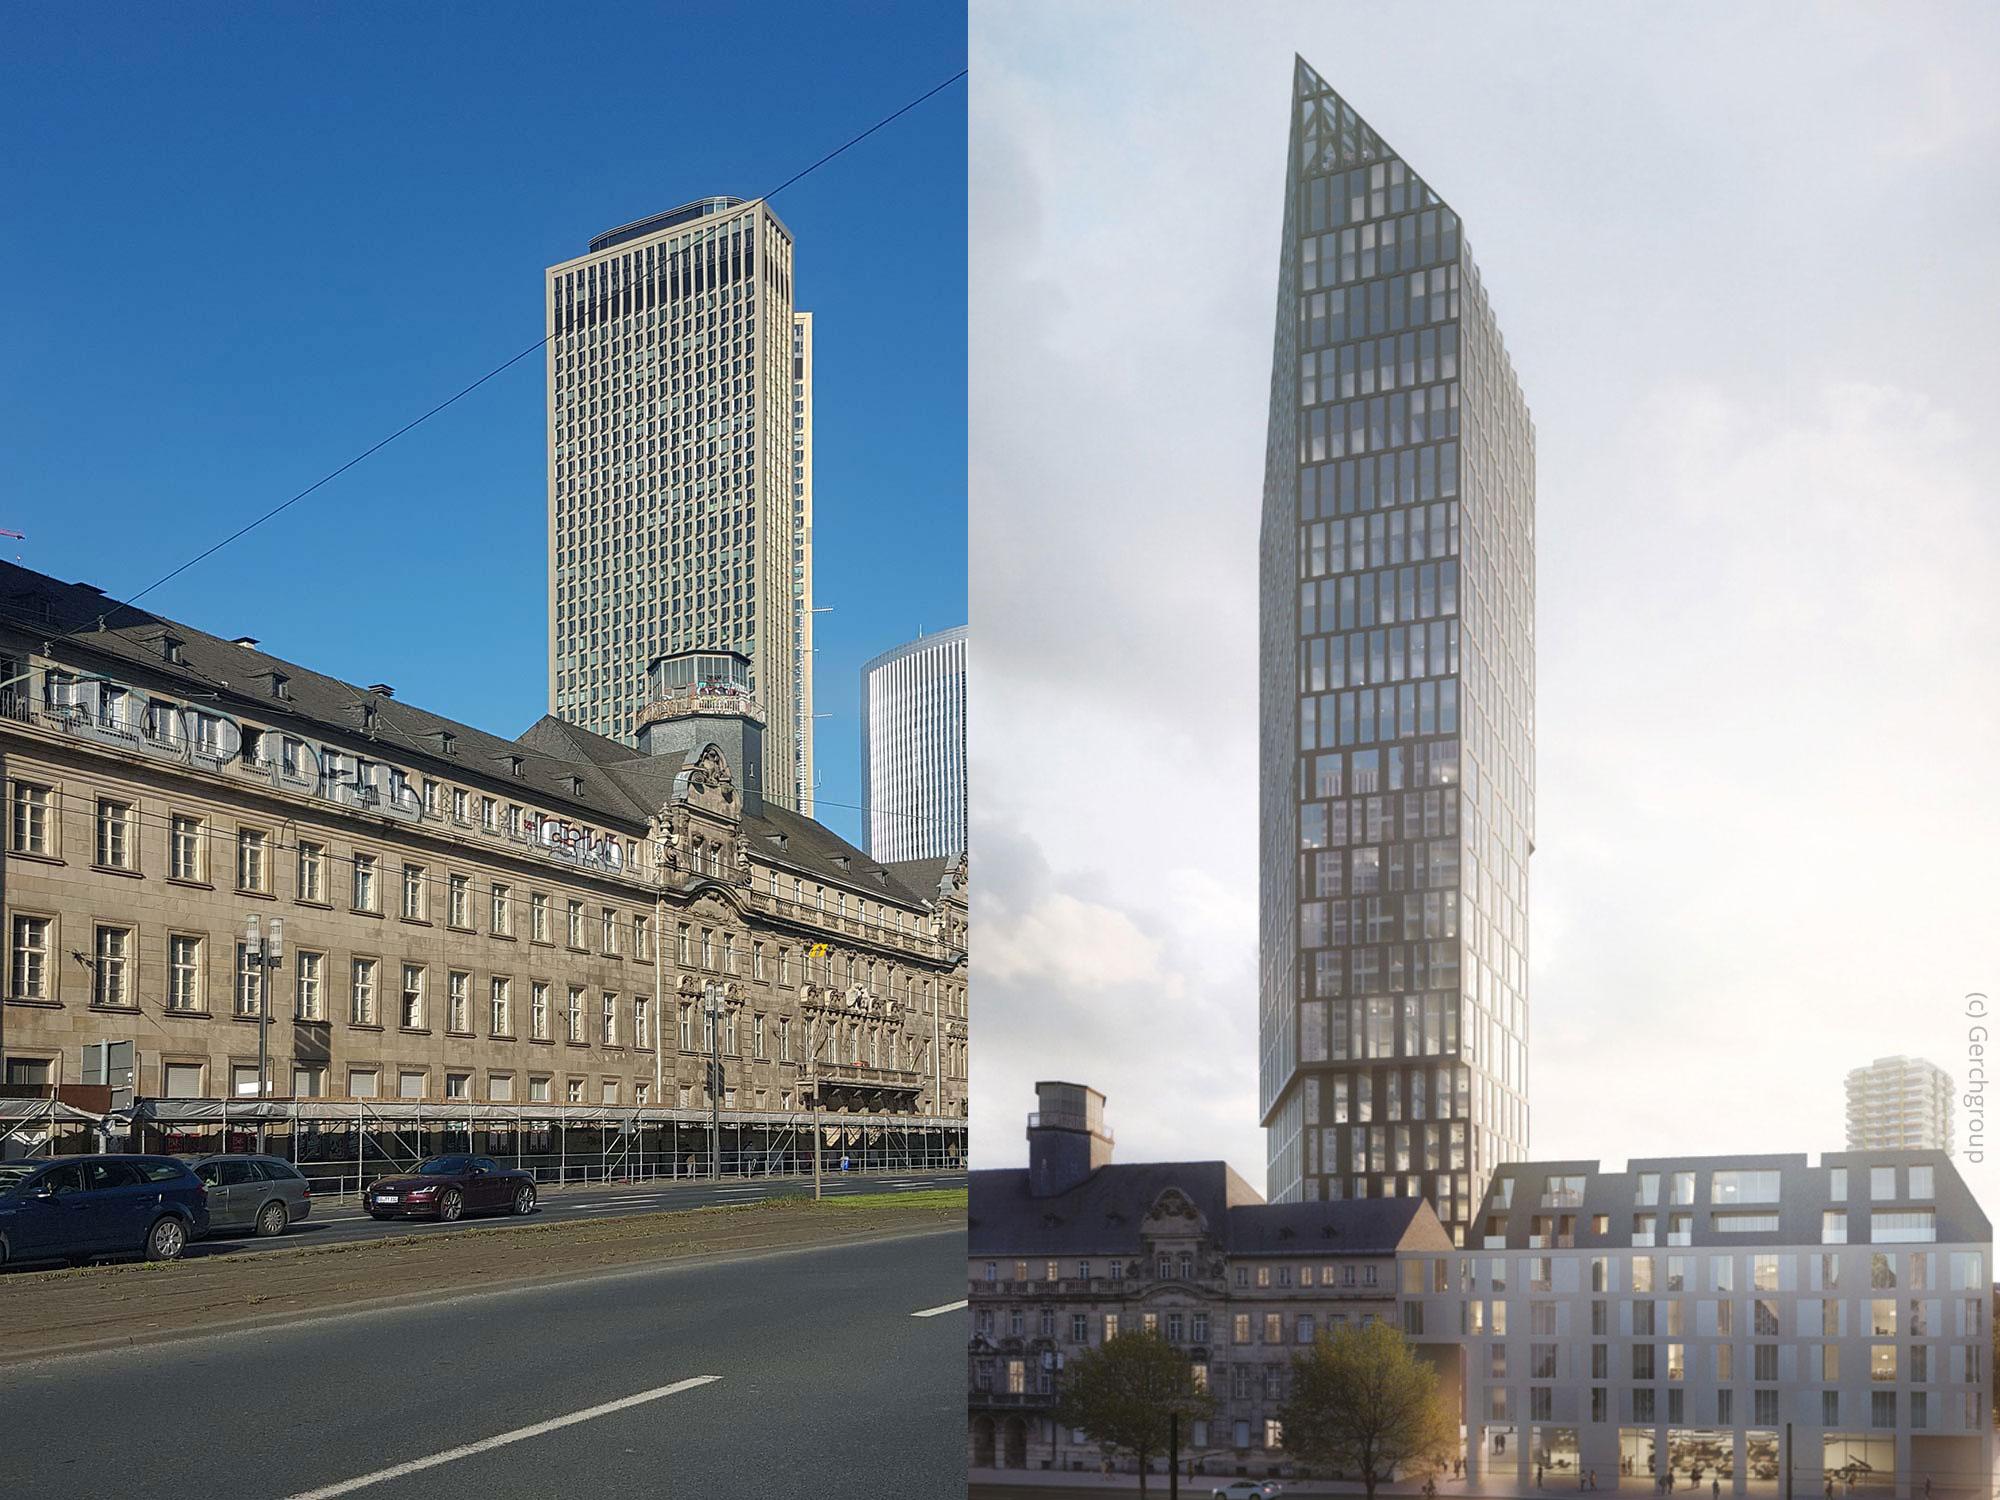 Turm am Alten Polizeipräsidium Frankfurt: Sieger vorgestellt